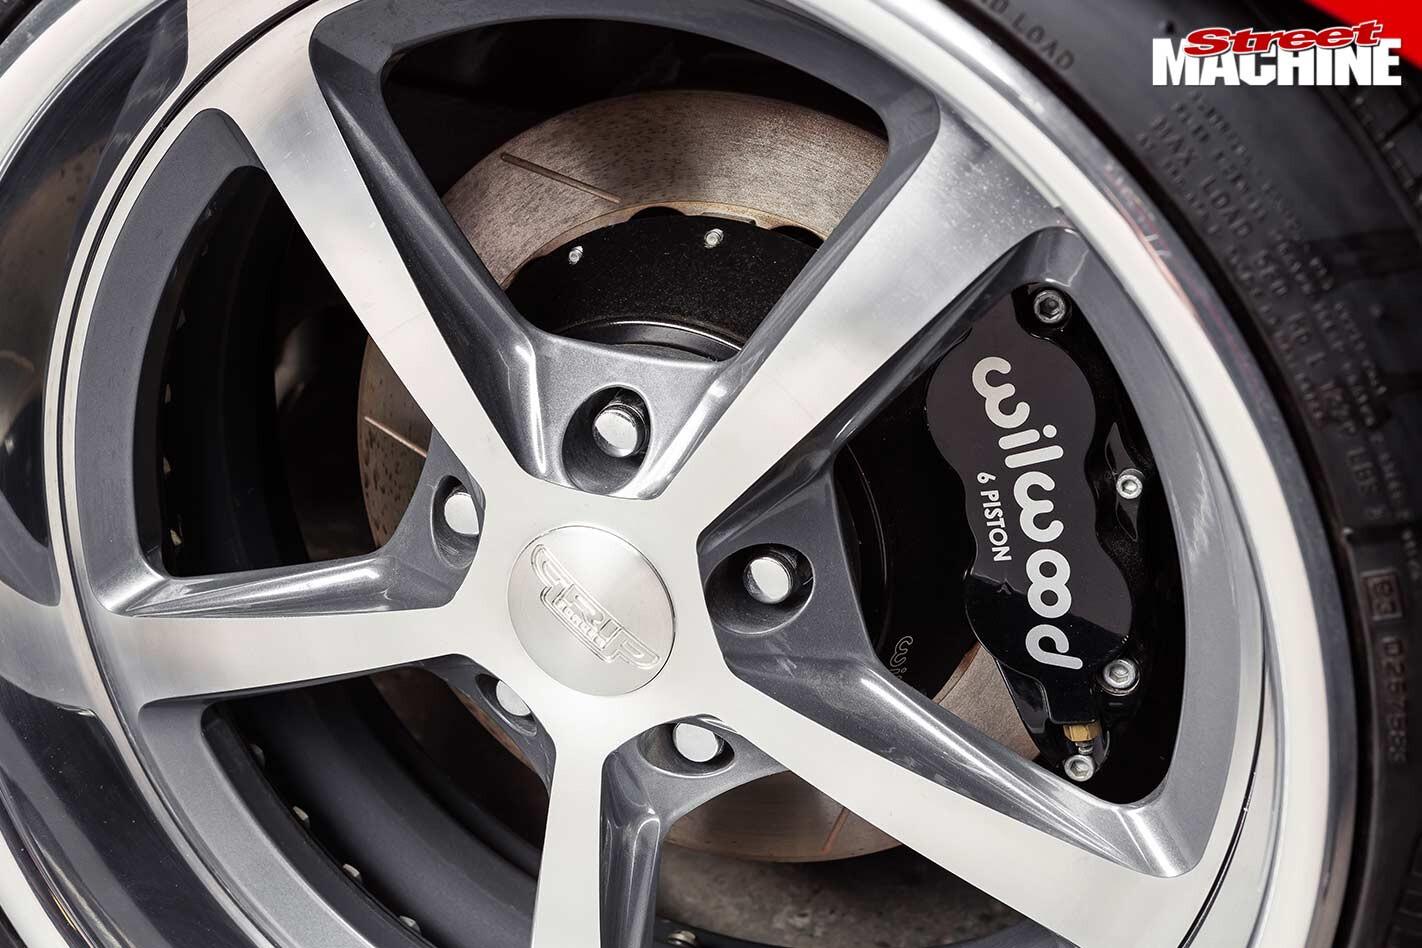 Chrysler VH Valiant Charger brakes